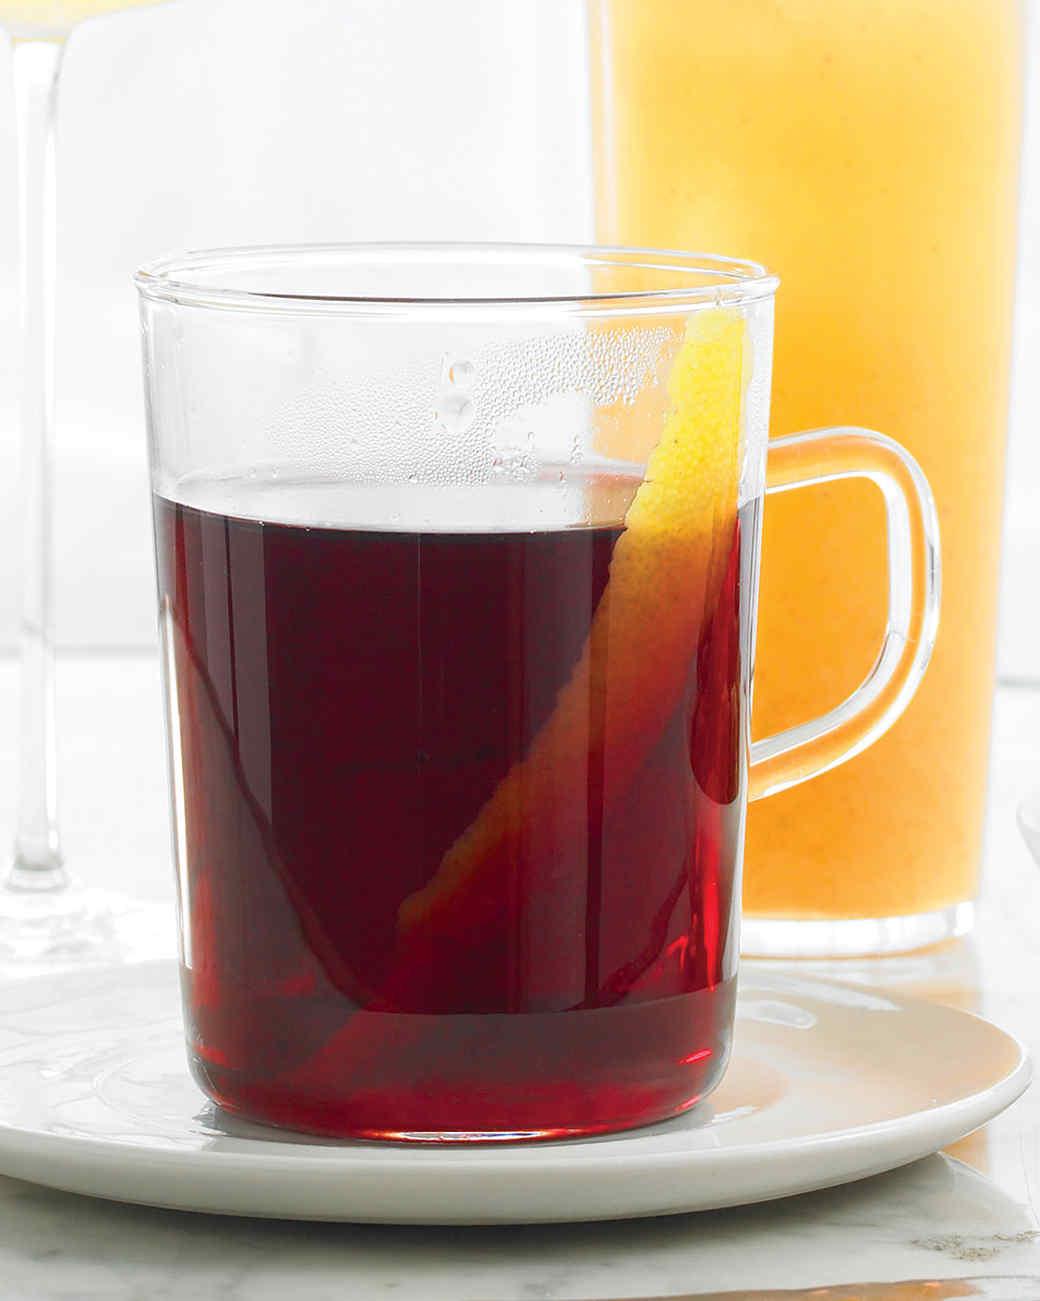 mld106125_1010_drink_brandy.jpg